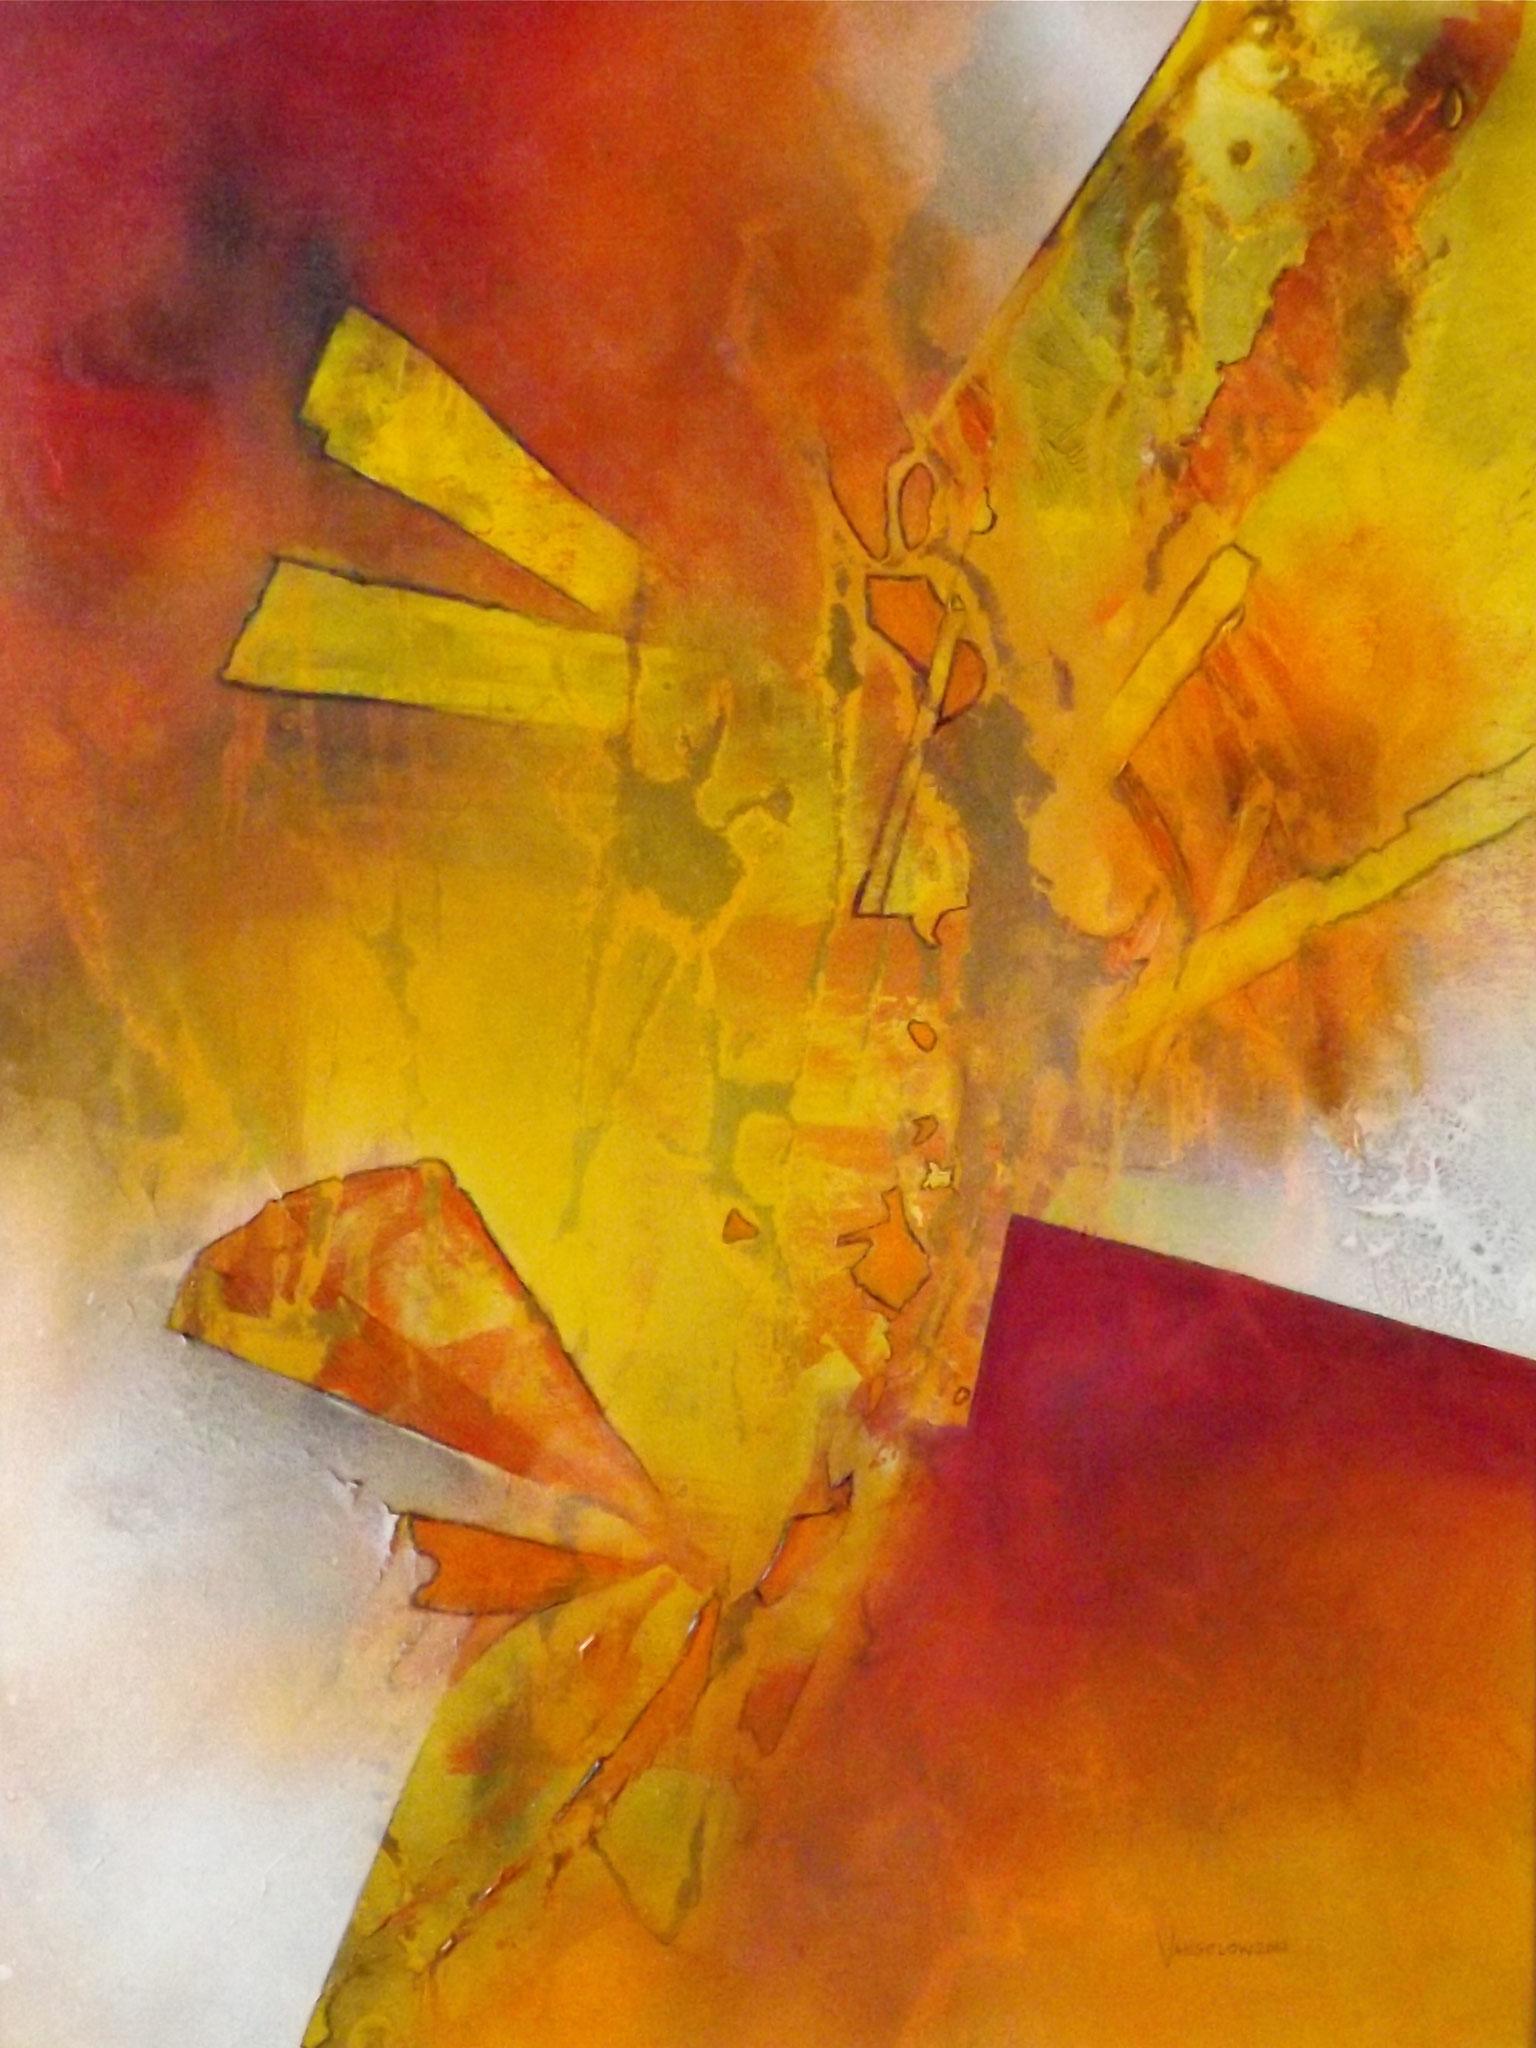 Fragmente, 60x80cm, Acryl